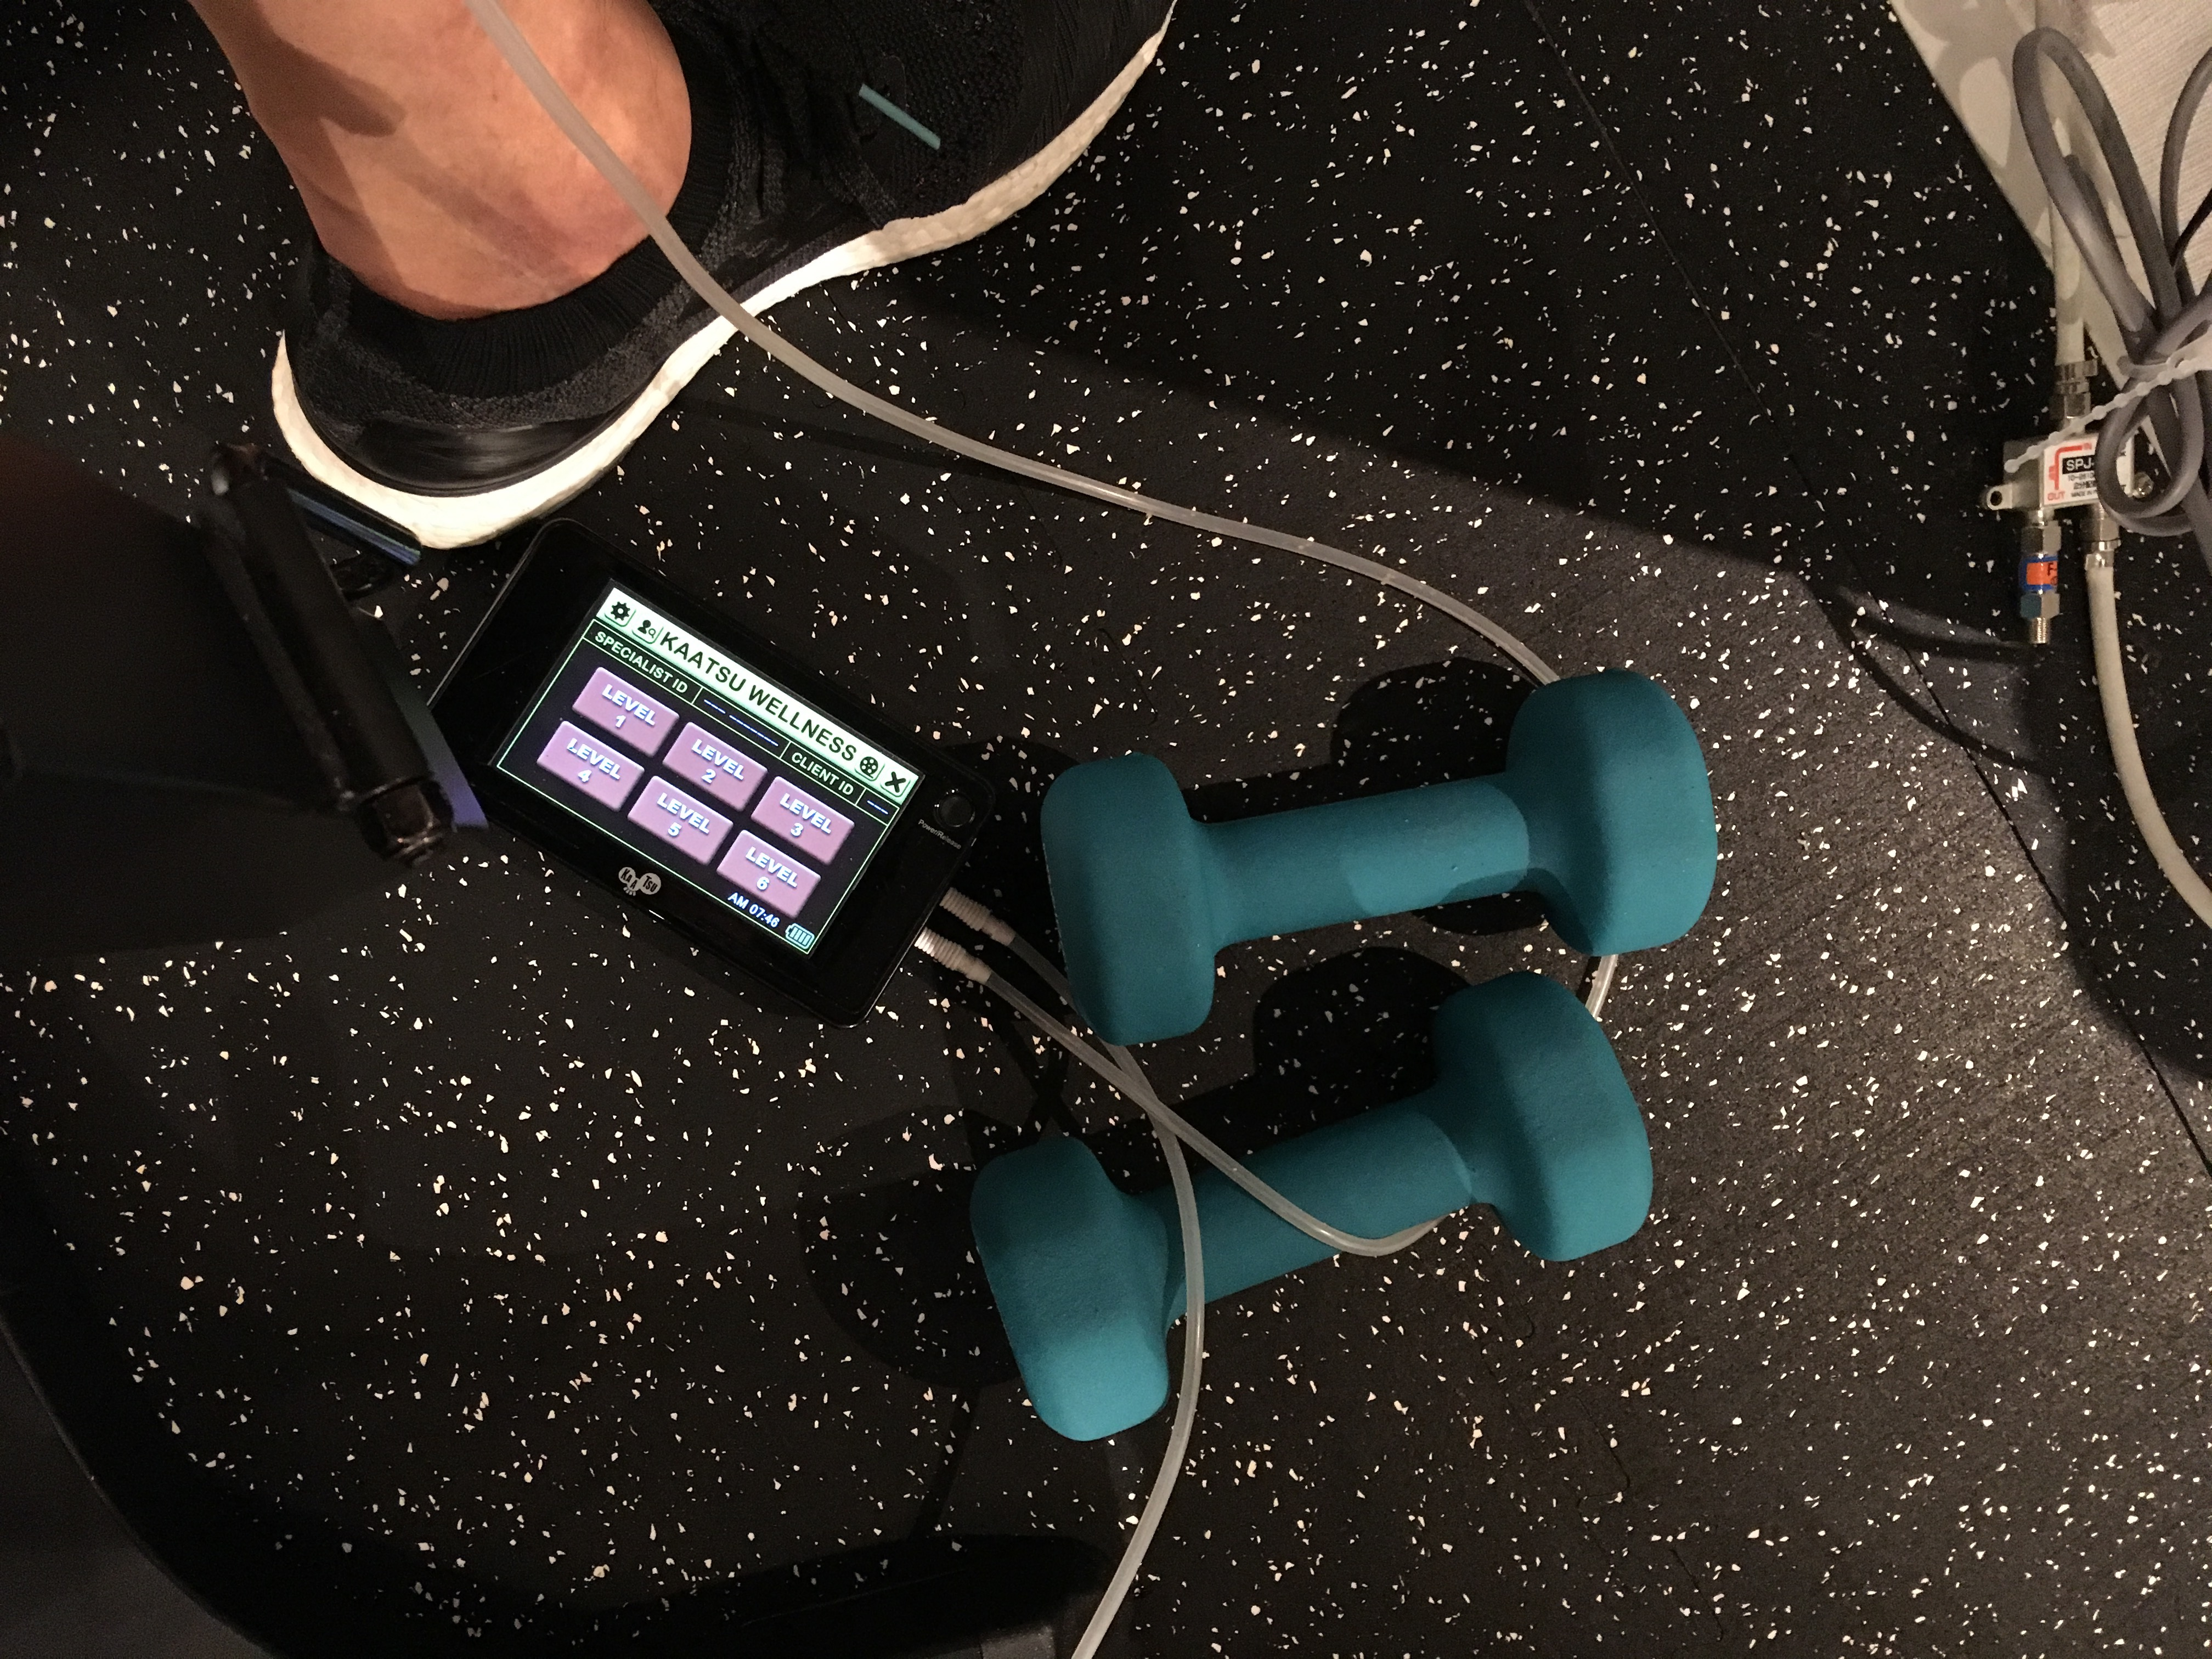 トレーニング再開(加圧)!夏に向けてハム・ケツを鍛え直すin  M's Gym